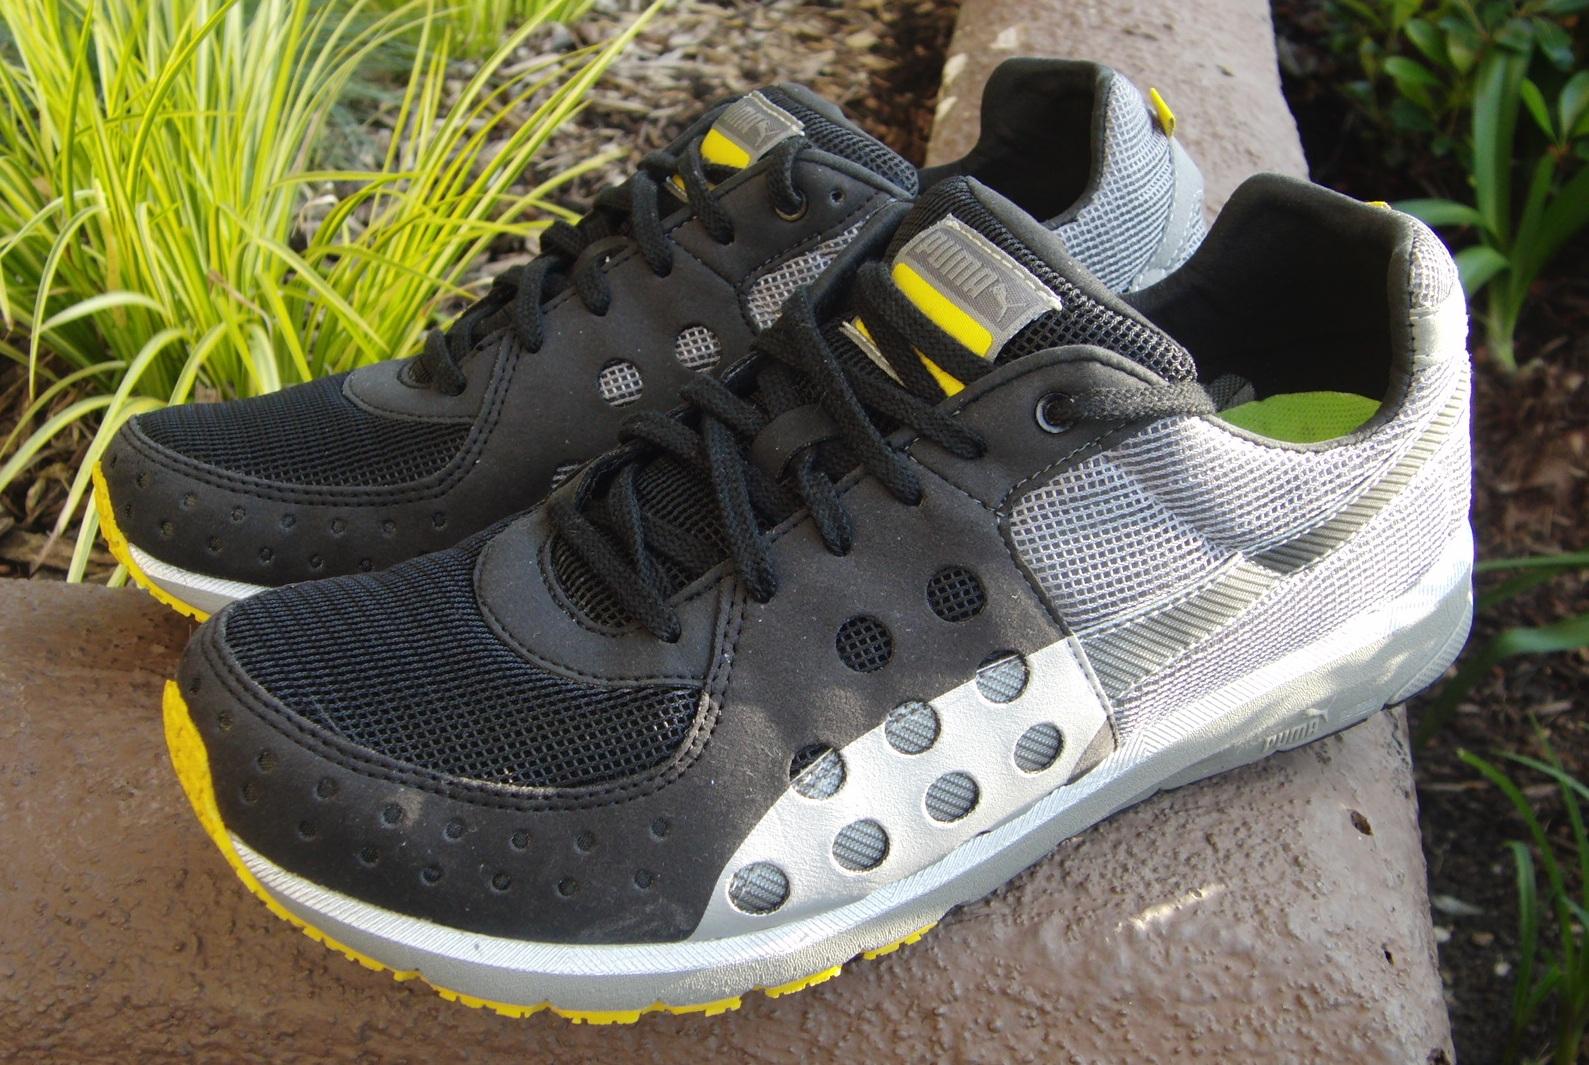 e593e6ee453b Puma Faas 300 Running Shoe